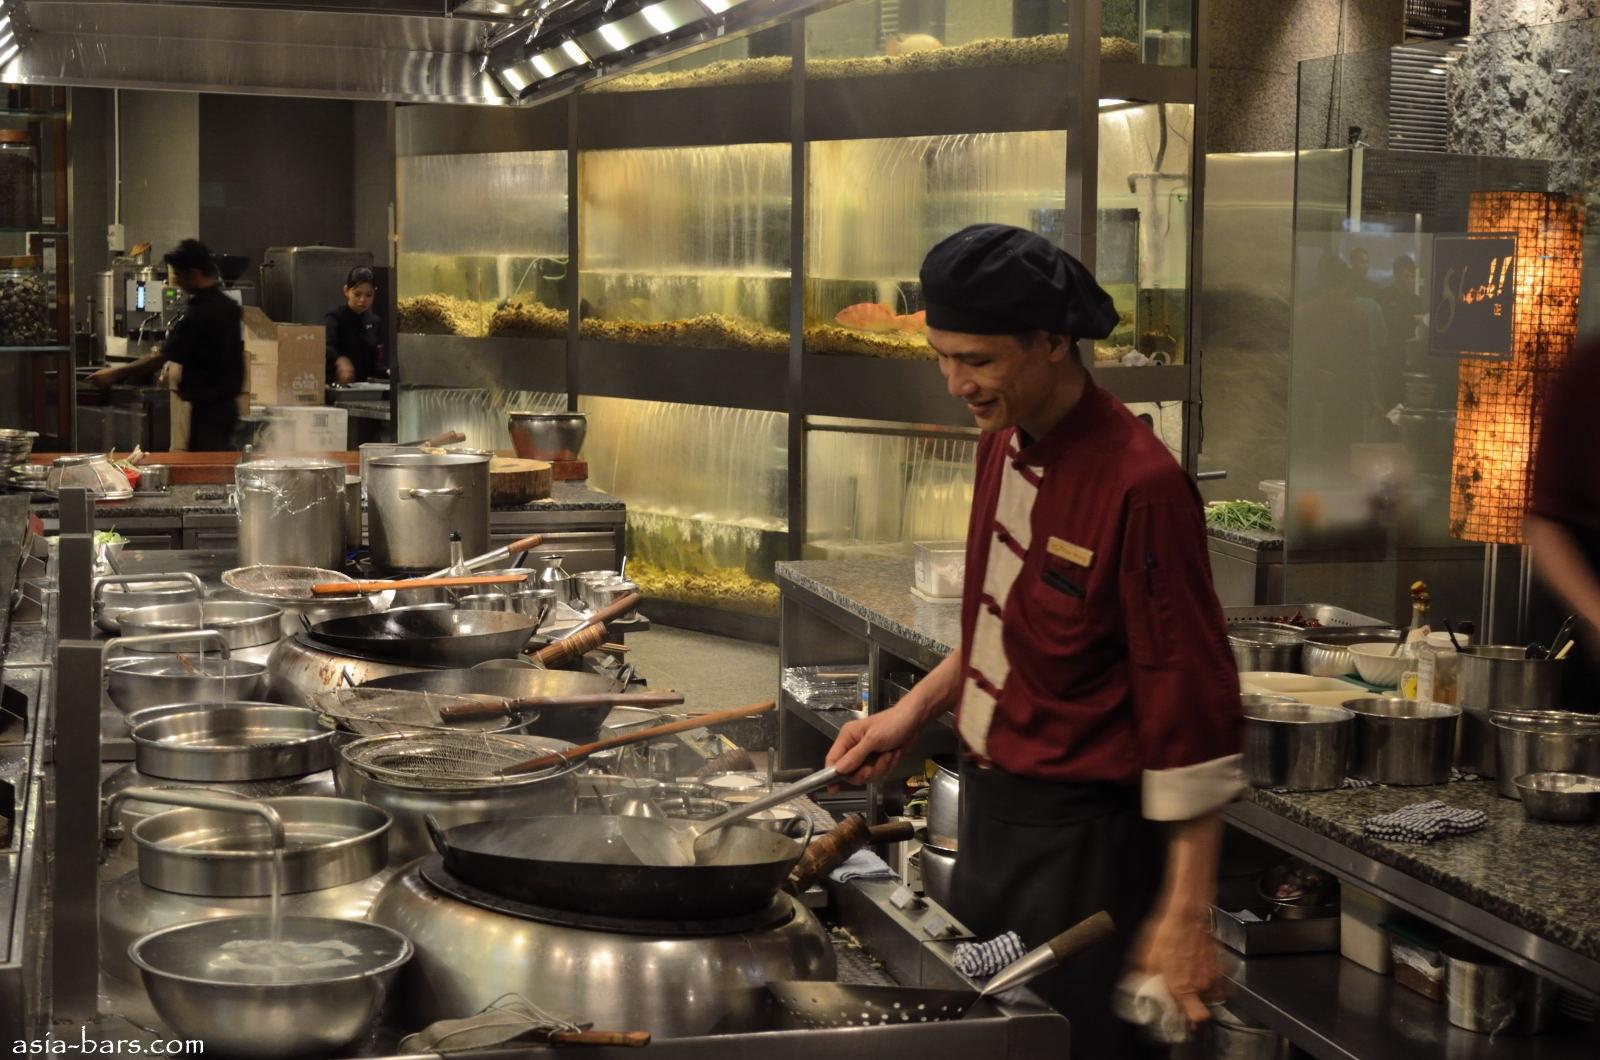 Vegtabels In A Restaurant Kitchen